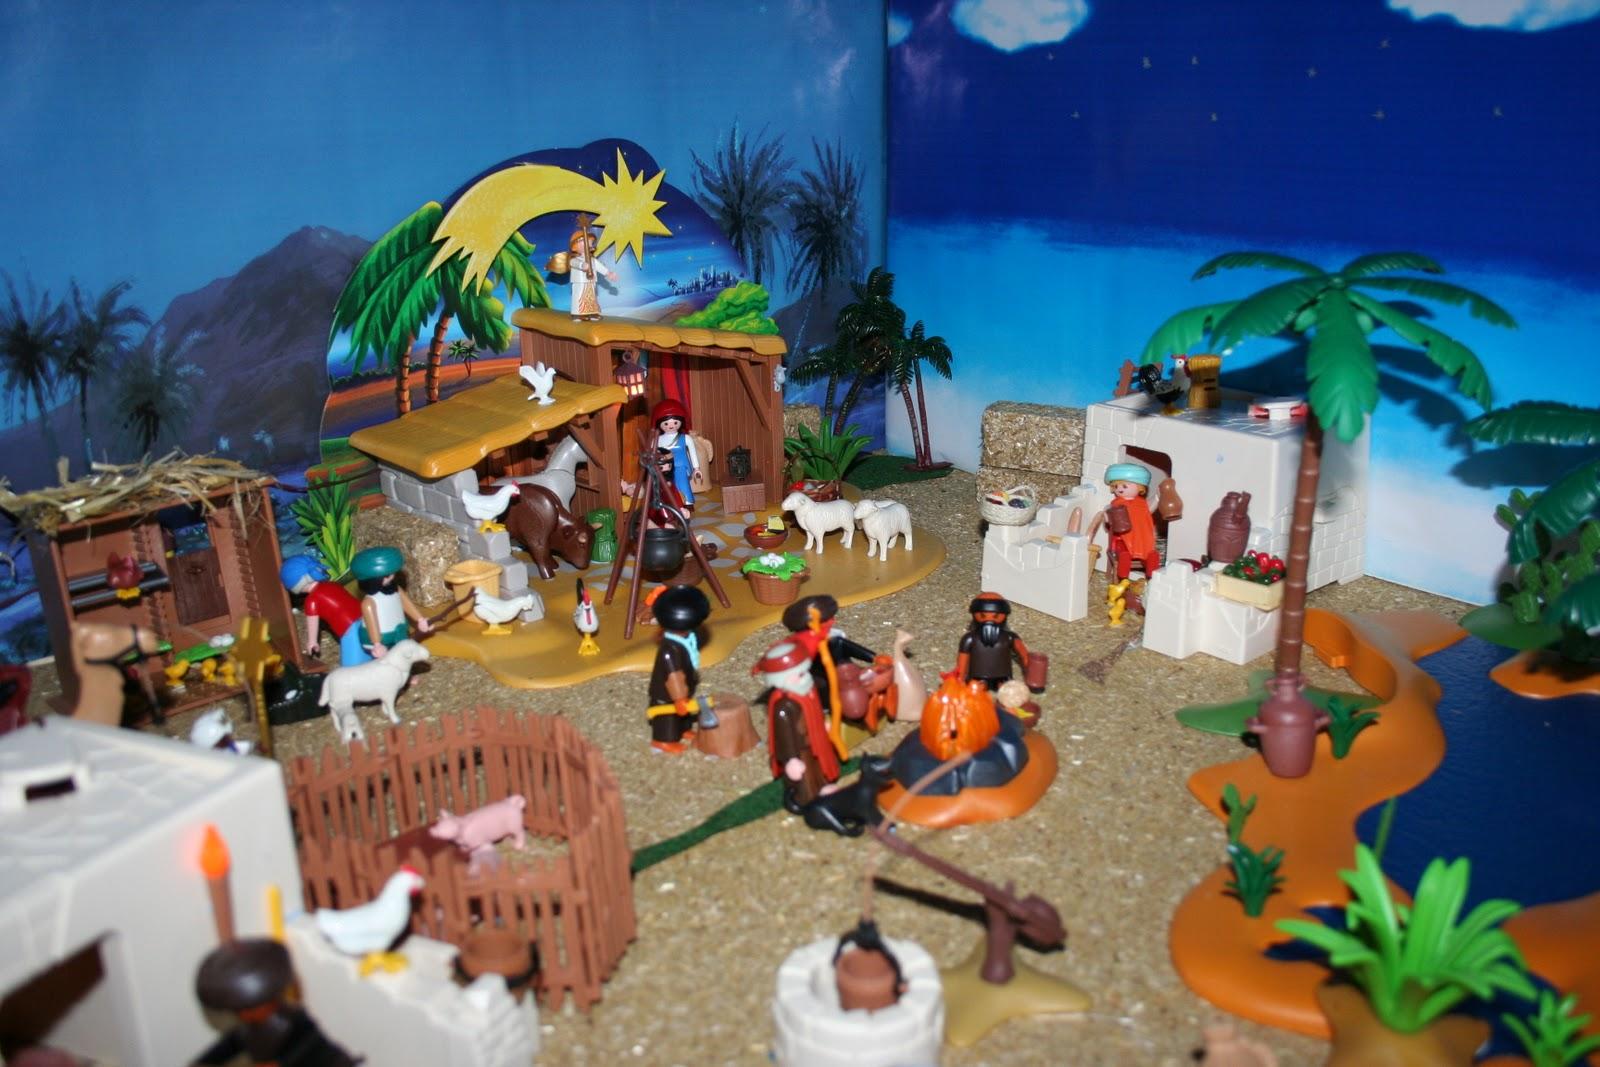 Bel n de playmobil una estupenda alternativa de decorar for Como decorar un belen de navidad